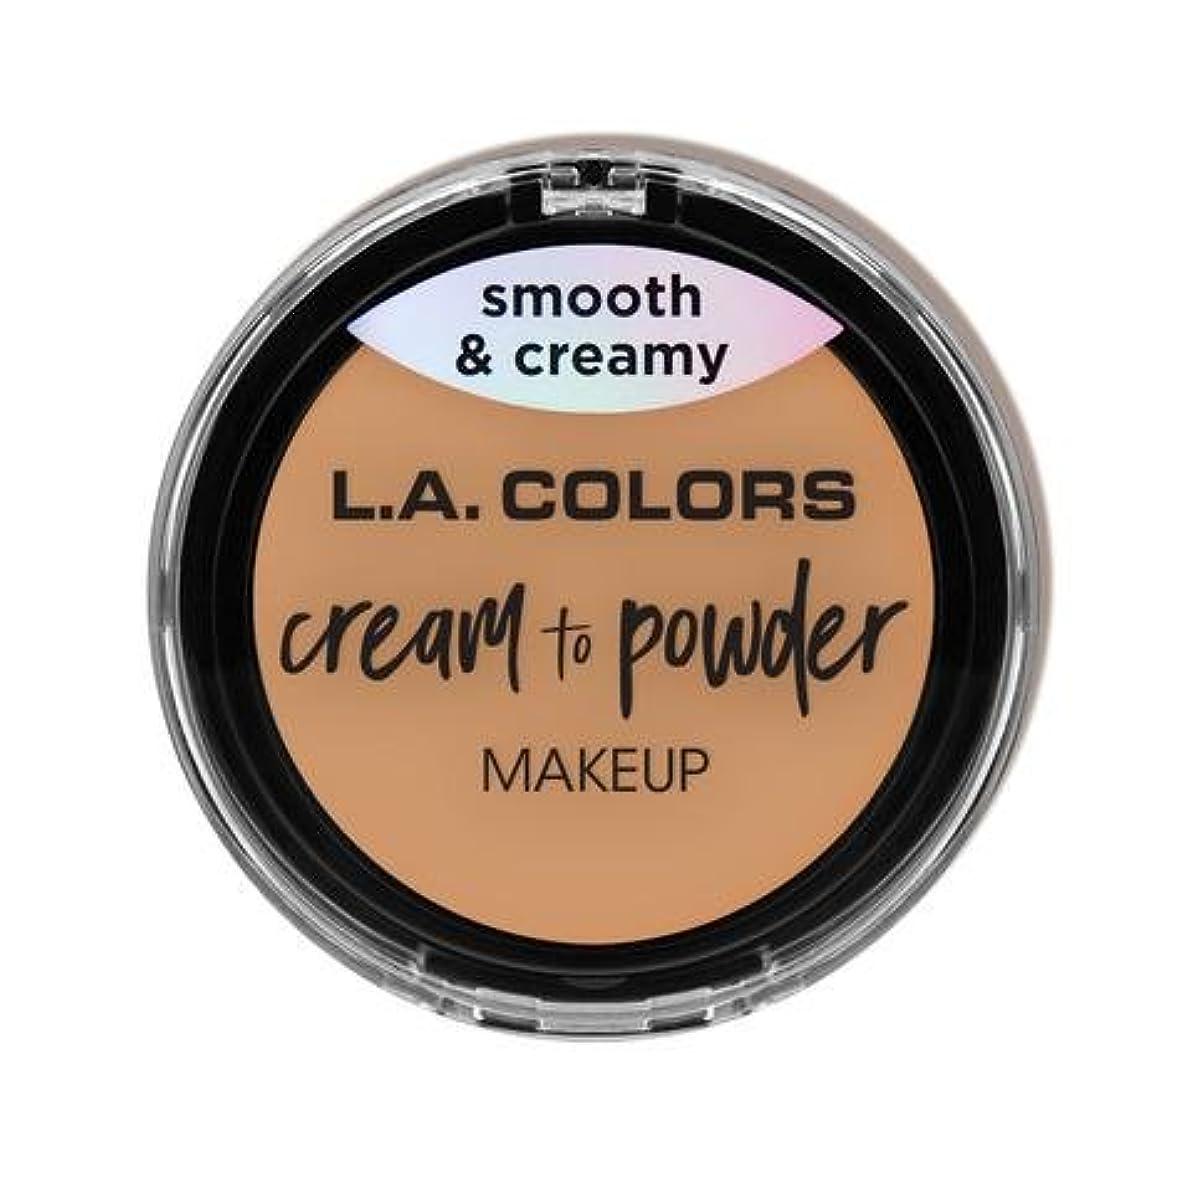 困惑した国家最も(3 Pack) L.A. COLORS Cream To Powder Foundation - Honey Beige (並行輸入品)